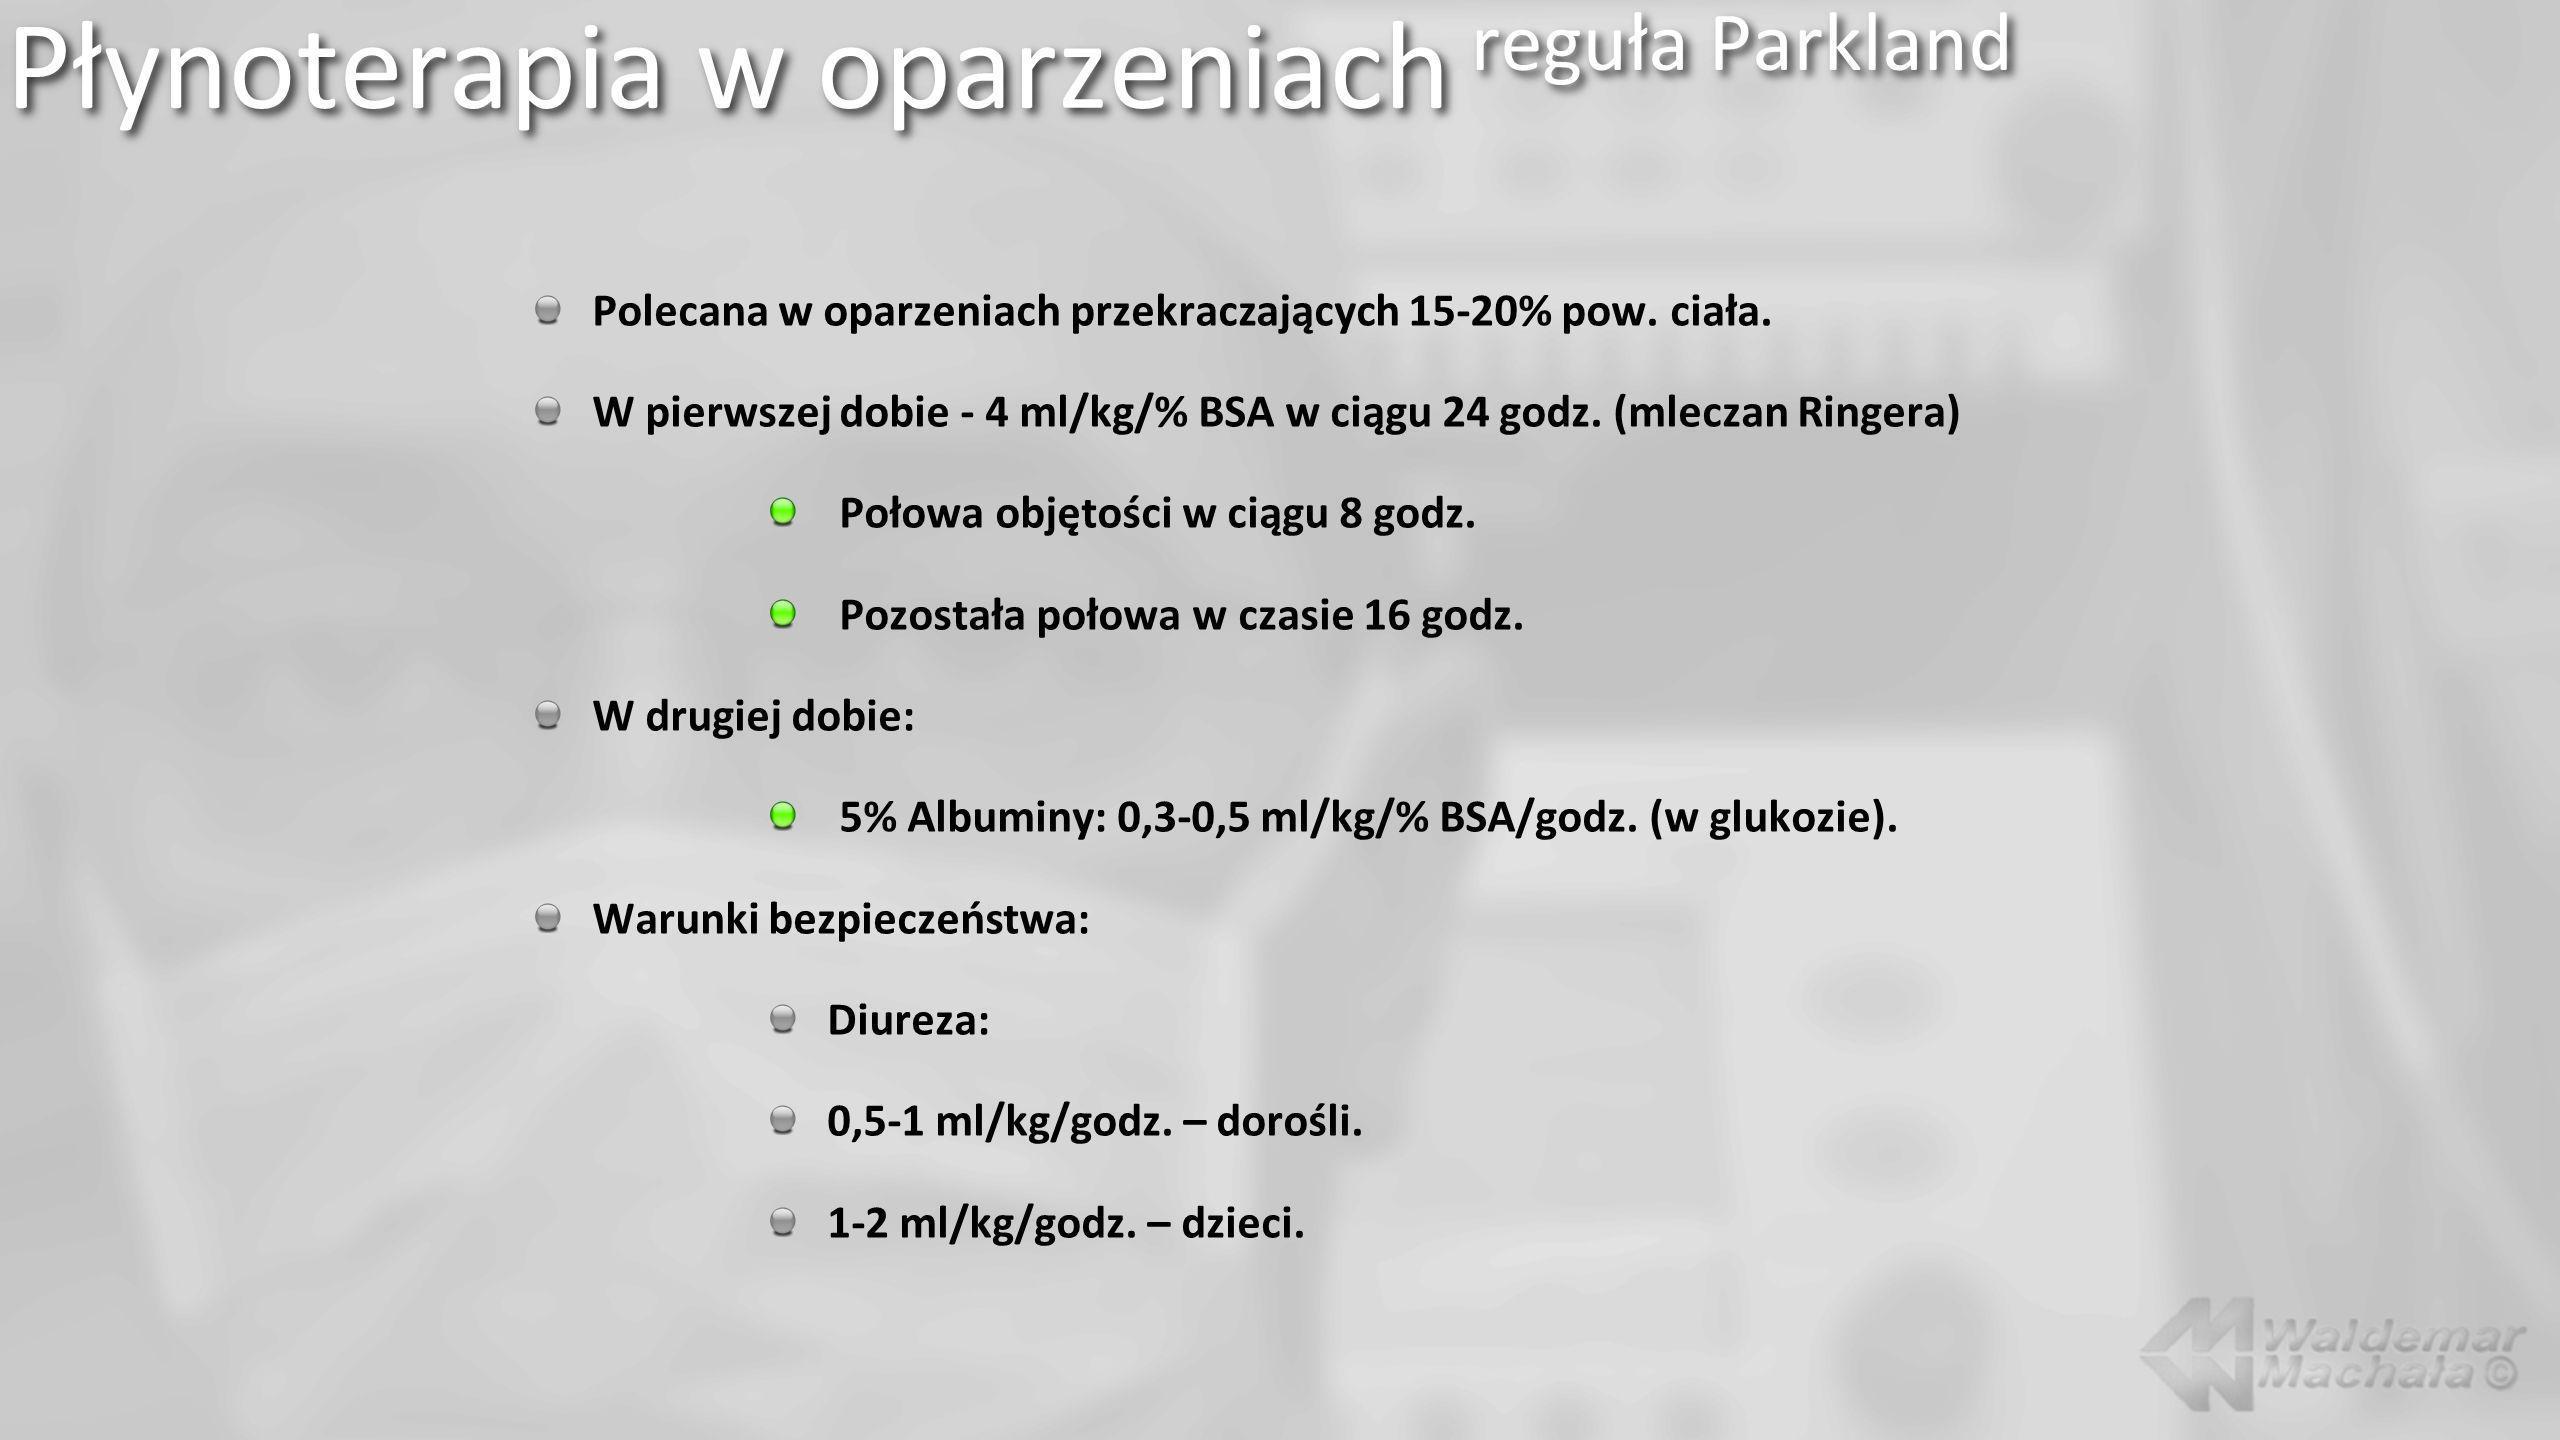 Polecana w oparzeniach przekraczających 15-20% pow. ciała. W pierwszej dobie - 4 ml/kg/% BSA w ciągu 24 godz. (mleczan Ringera) Połowa objętości w cią